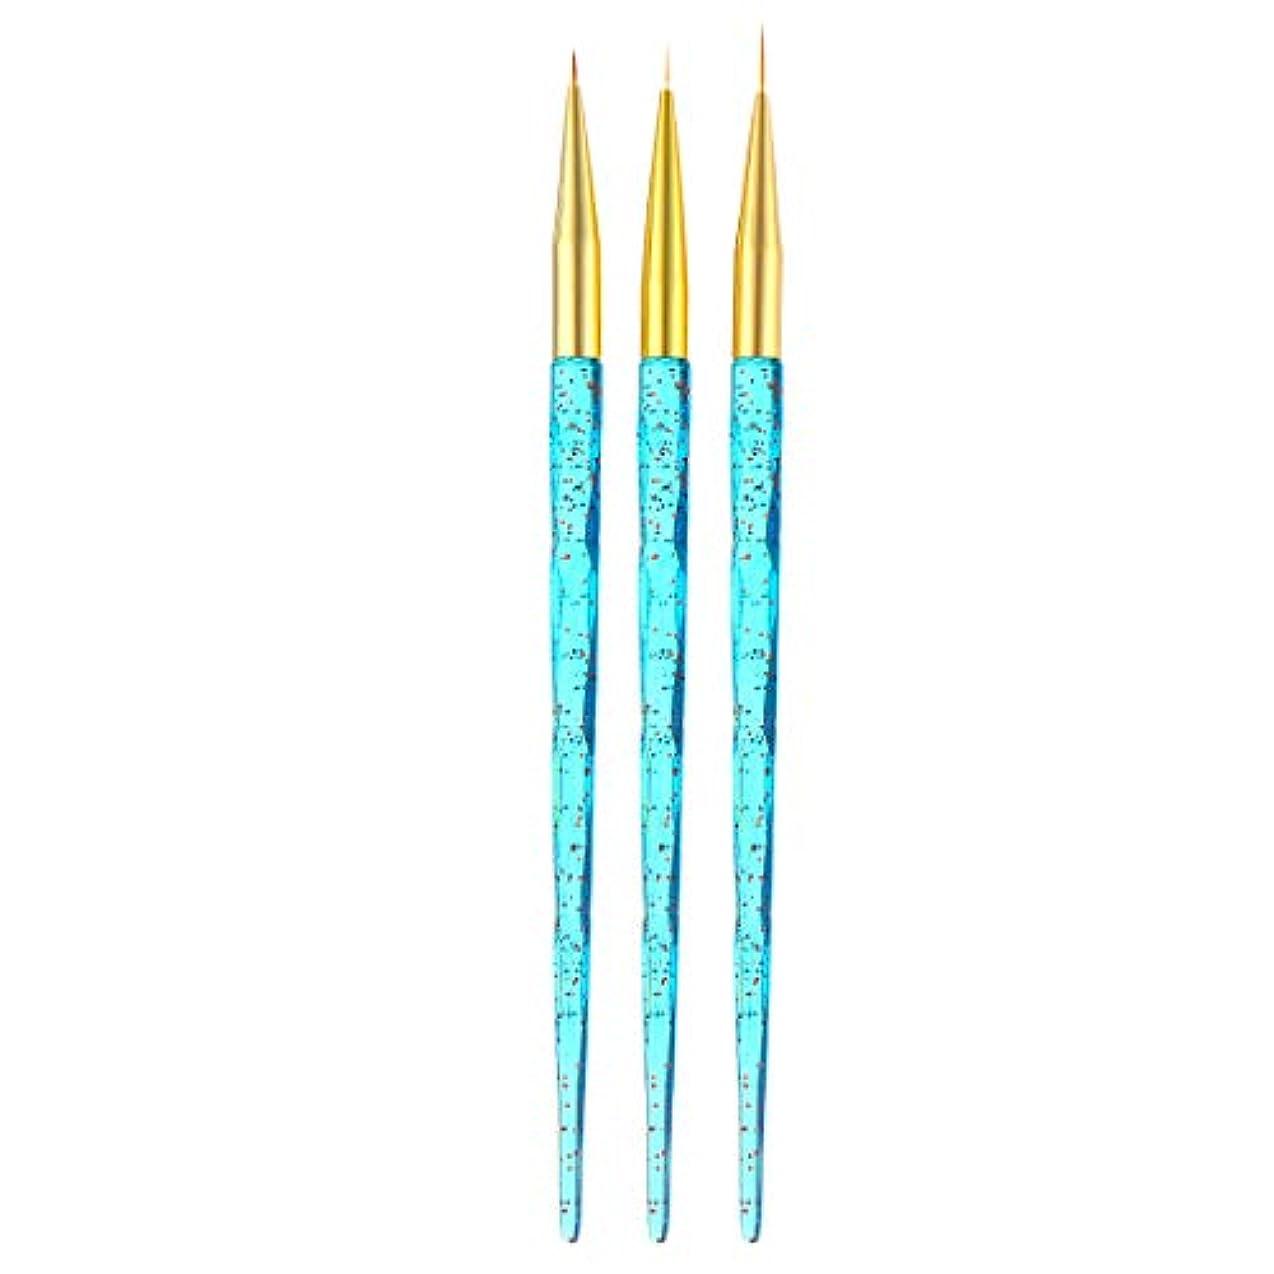 協定類似性薬用Gaoominy 3ピース/セット、ネイルアート、クリスタルのハンドル、フレンチのフラワーのデザイン、ライン、ライナー、グリッド、絵画描画ブラシUv ジェルのペン、マニキュアのツール